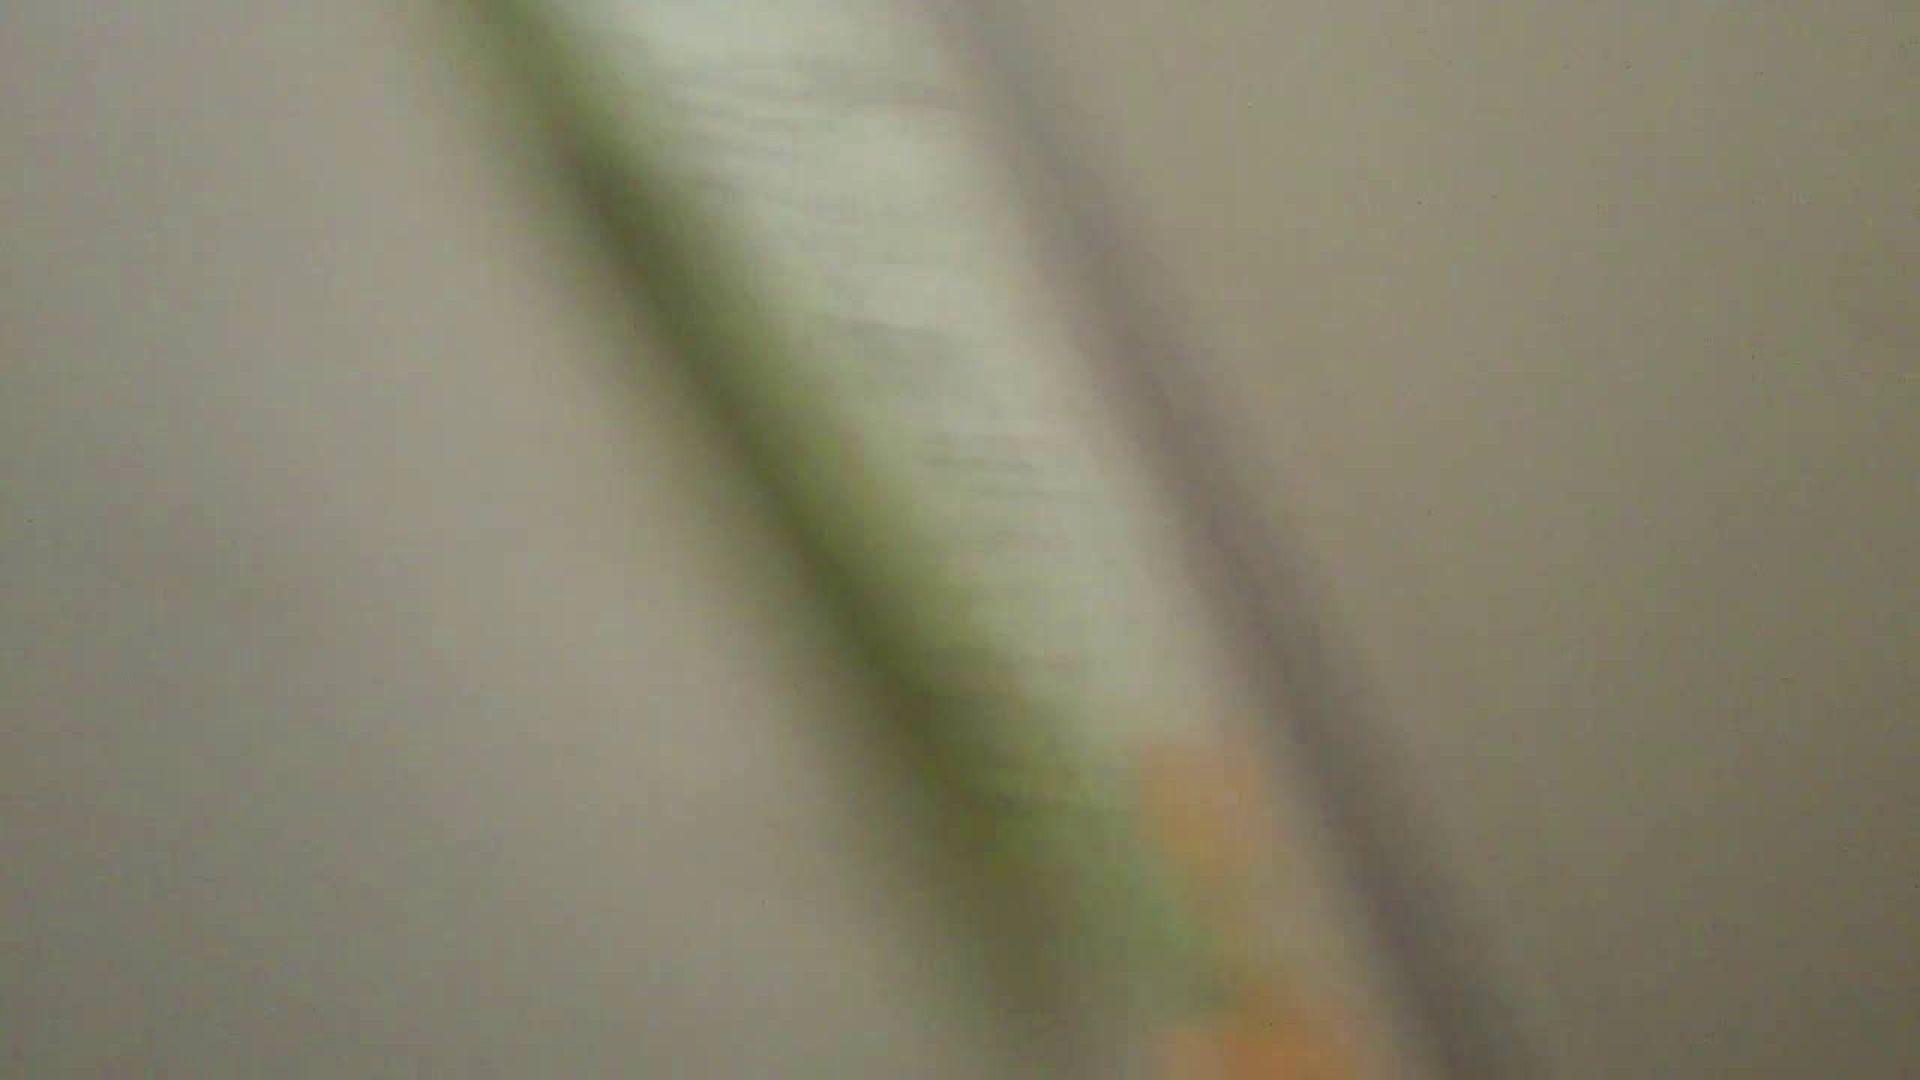 ヤリマンのオマンコ:美女詰め合わせギフトvol.05 何時もの場所ではないですが・・・:怪盗ジョーカー